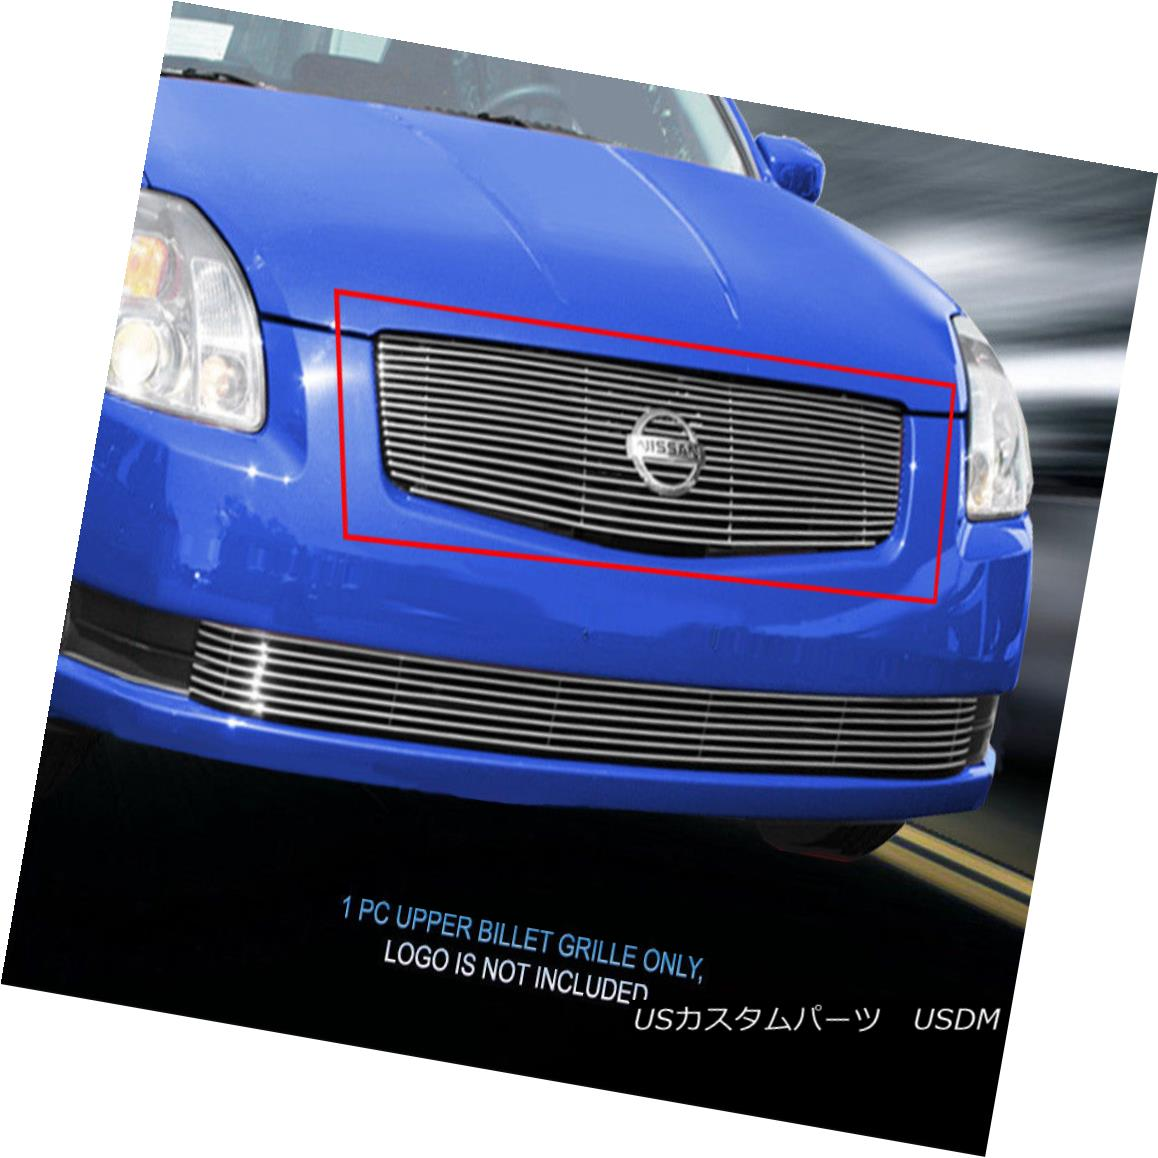 グリル Fits 2004-2006 Nissan Sentra Black Billet Grille Grill Insert 2004-2006 Nissan Sentra Black Billetグリルグリルインサート